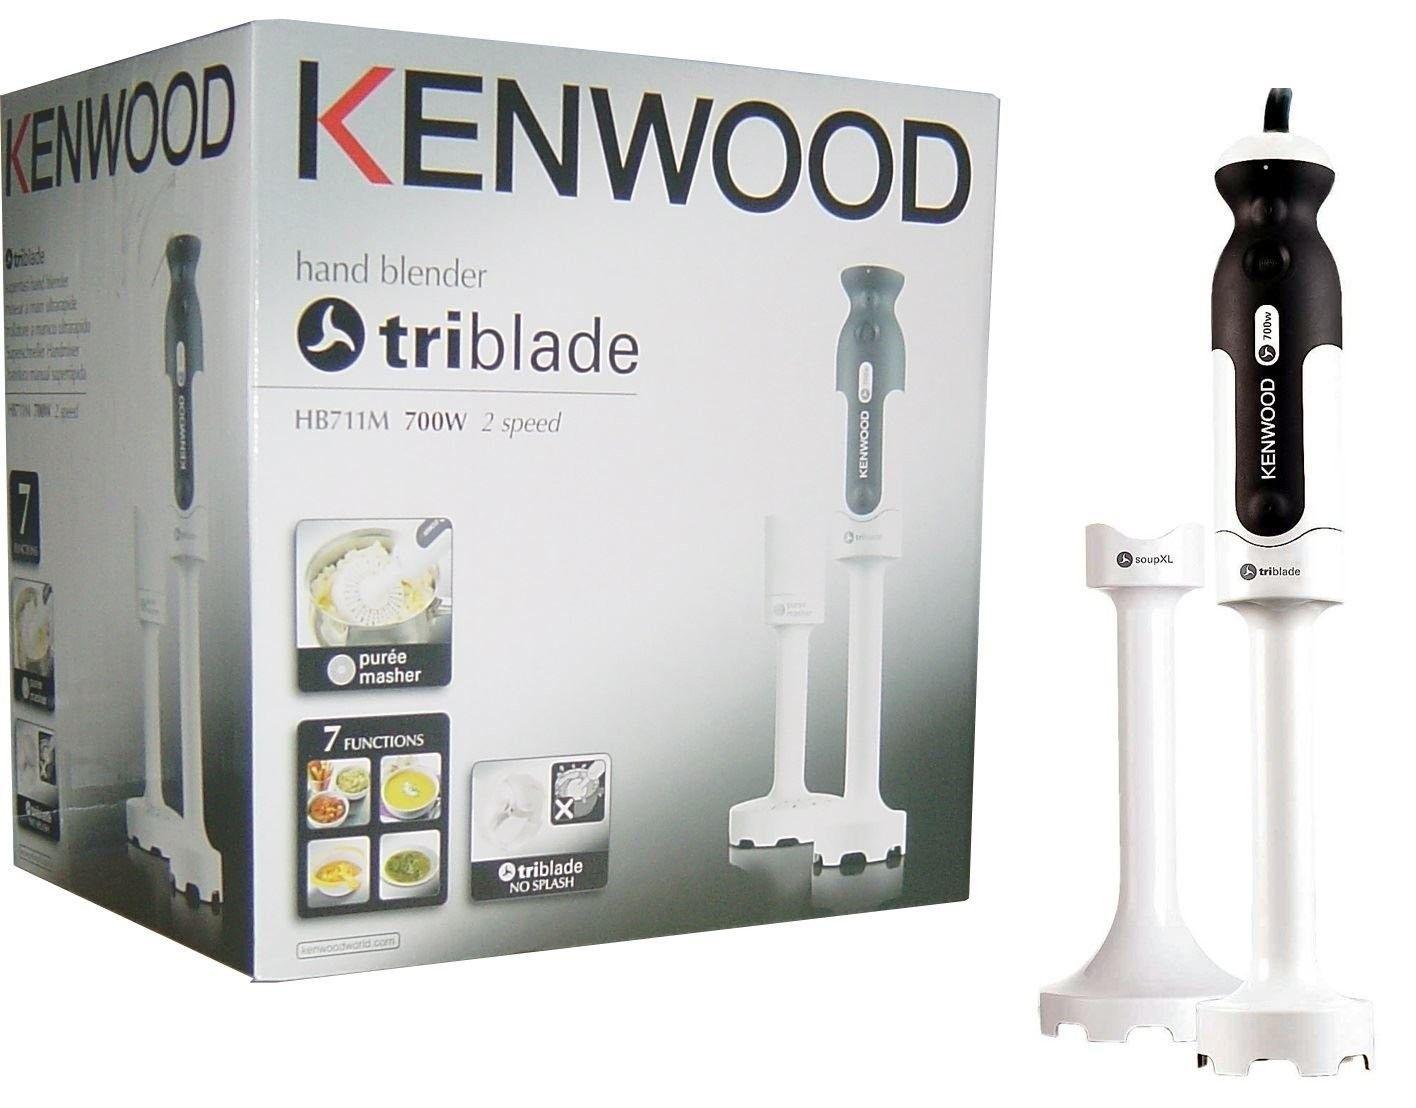 Kenwood HB711 Triblade Hand Blender